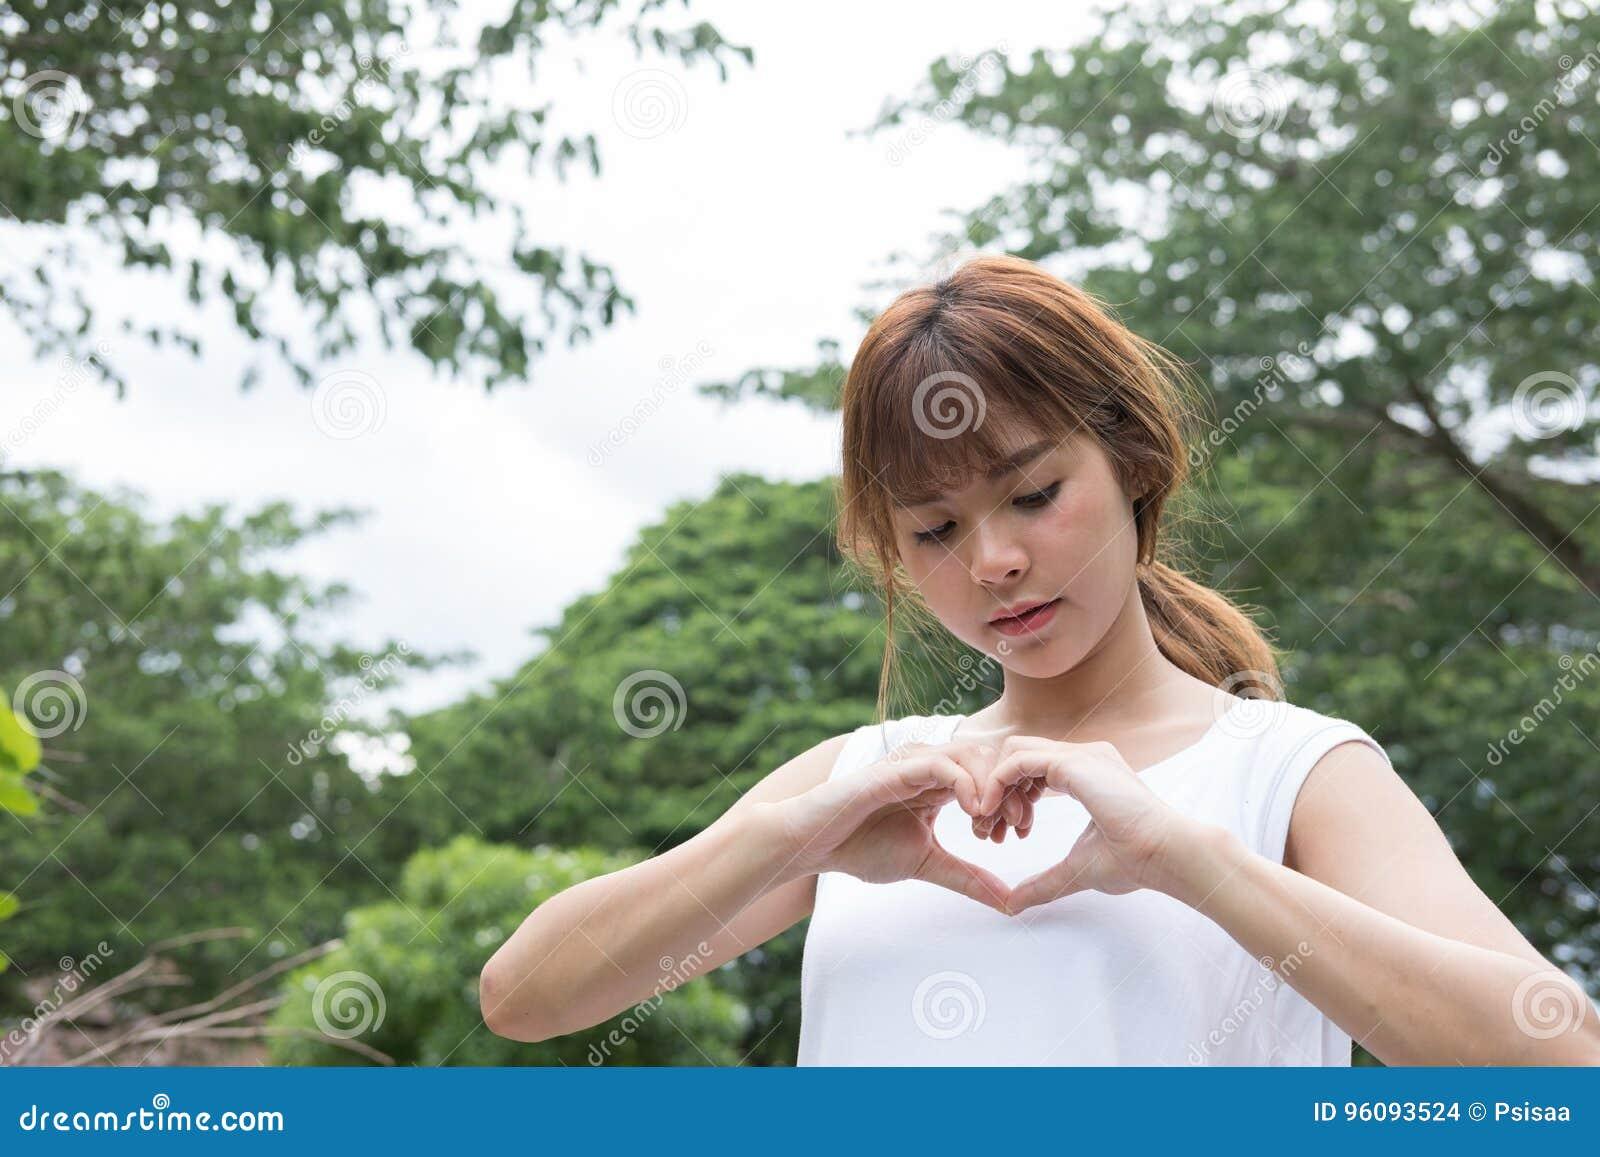 Namitha nipple hot photo